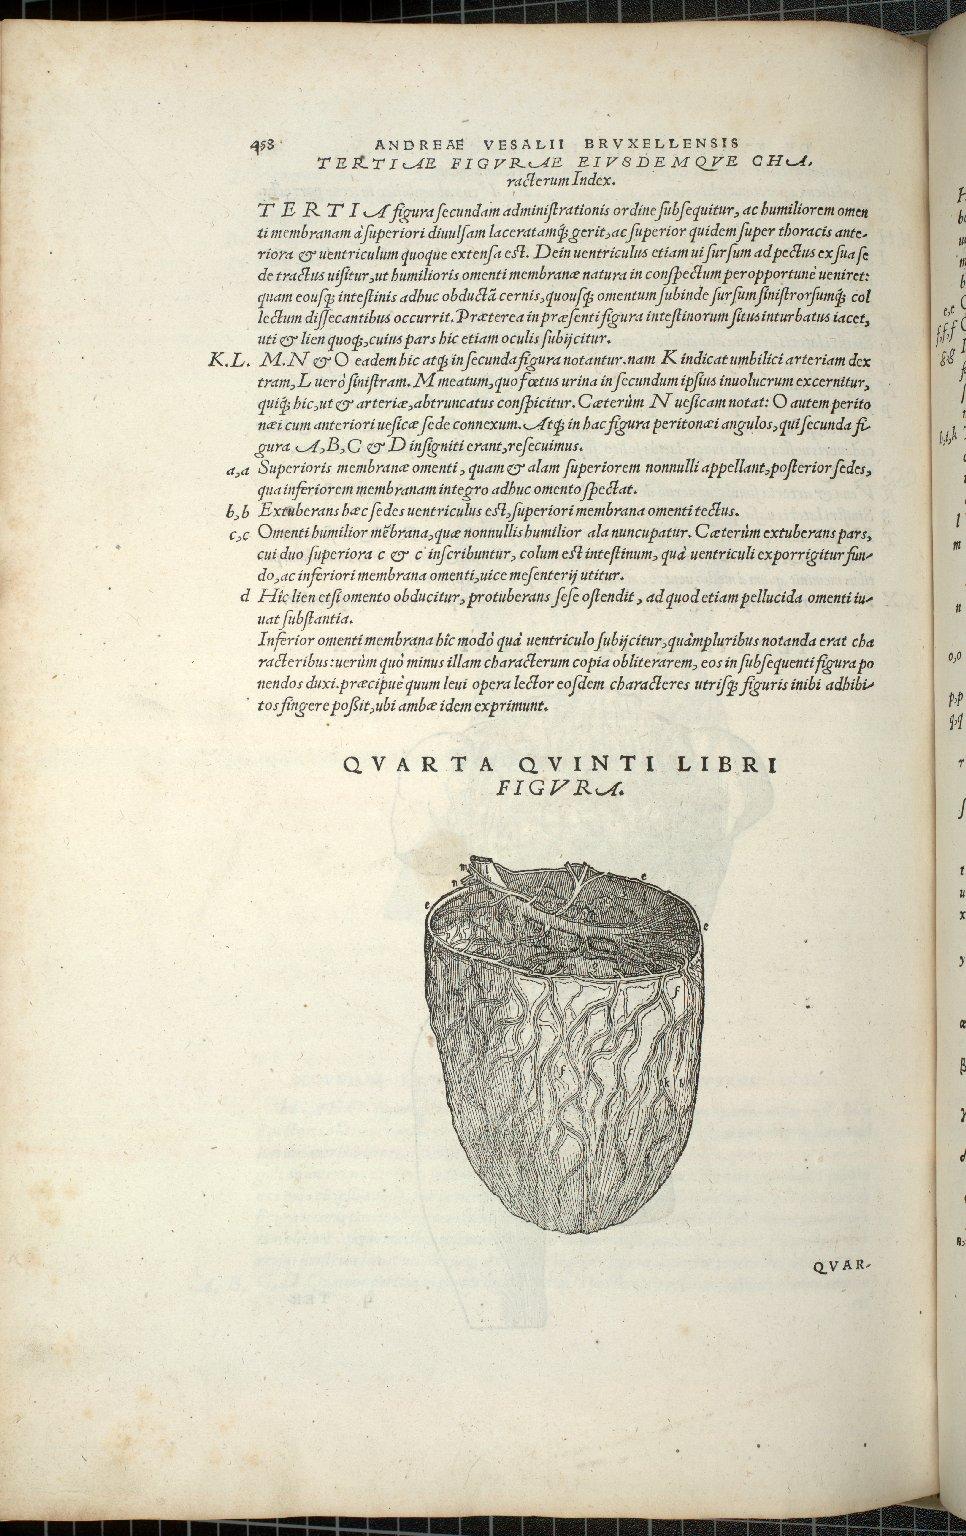 Organis Nutrition, Quarta Quinti Libri Figura.